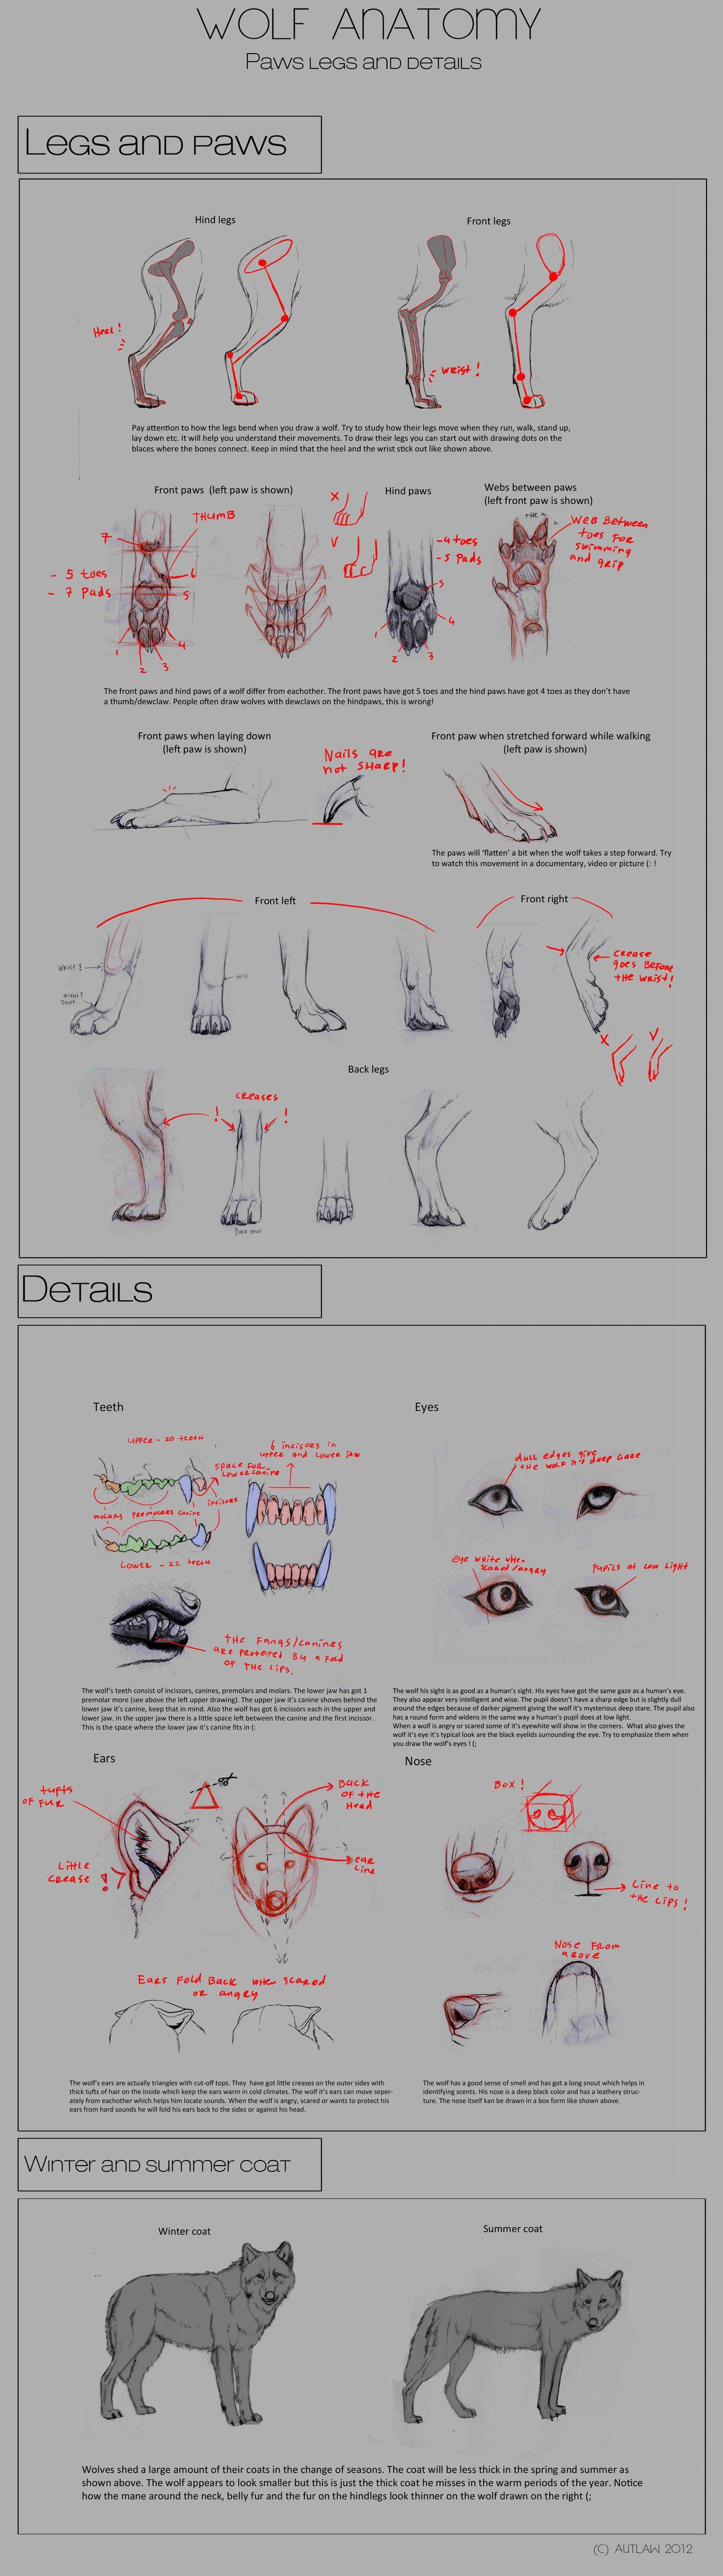 Wolf Anatomy - Part 4 by Autlaw on deviantART via PinCG.com ...